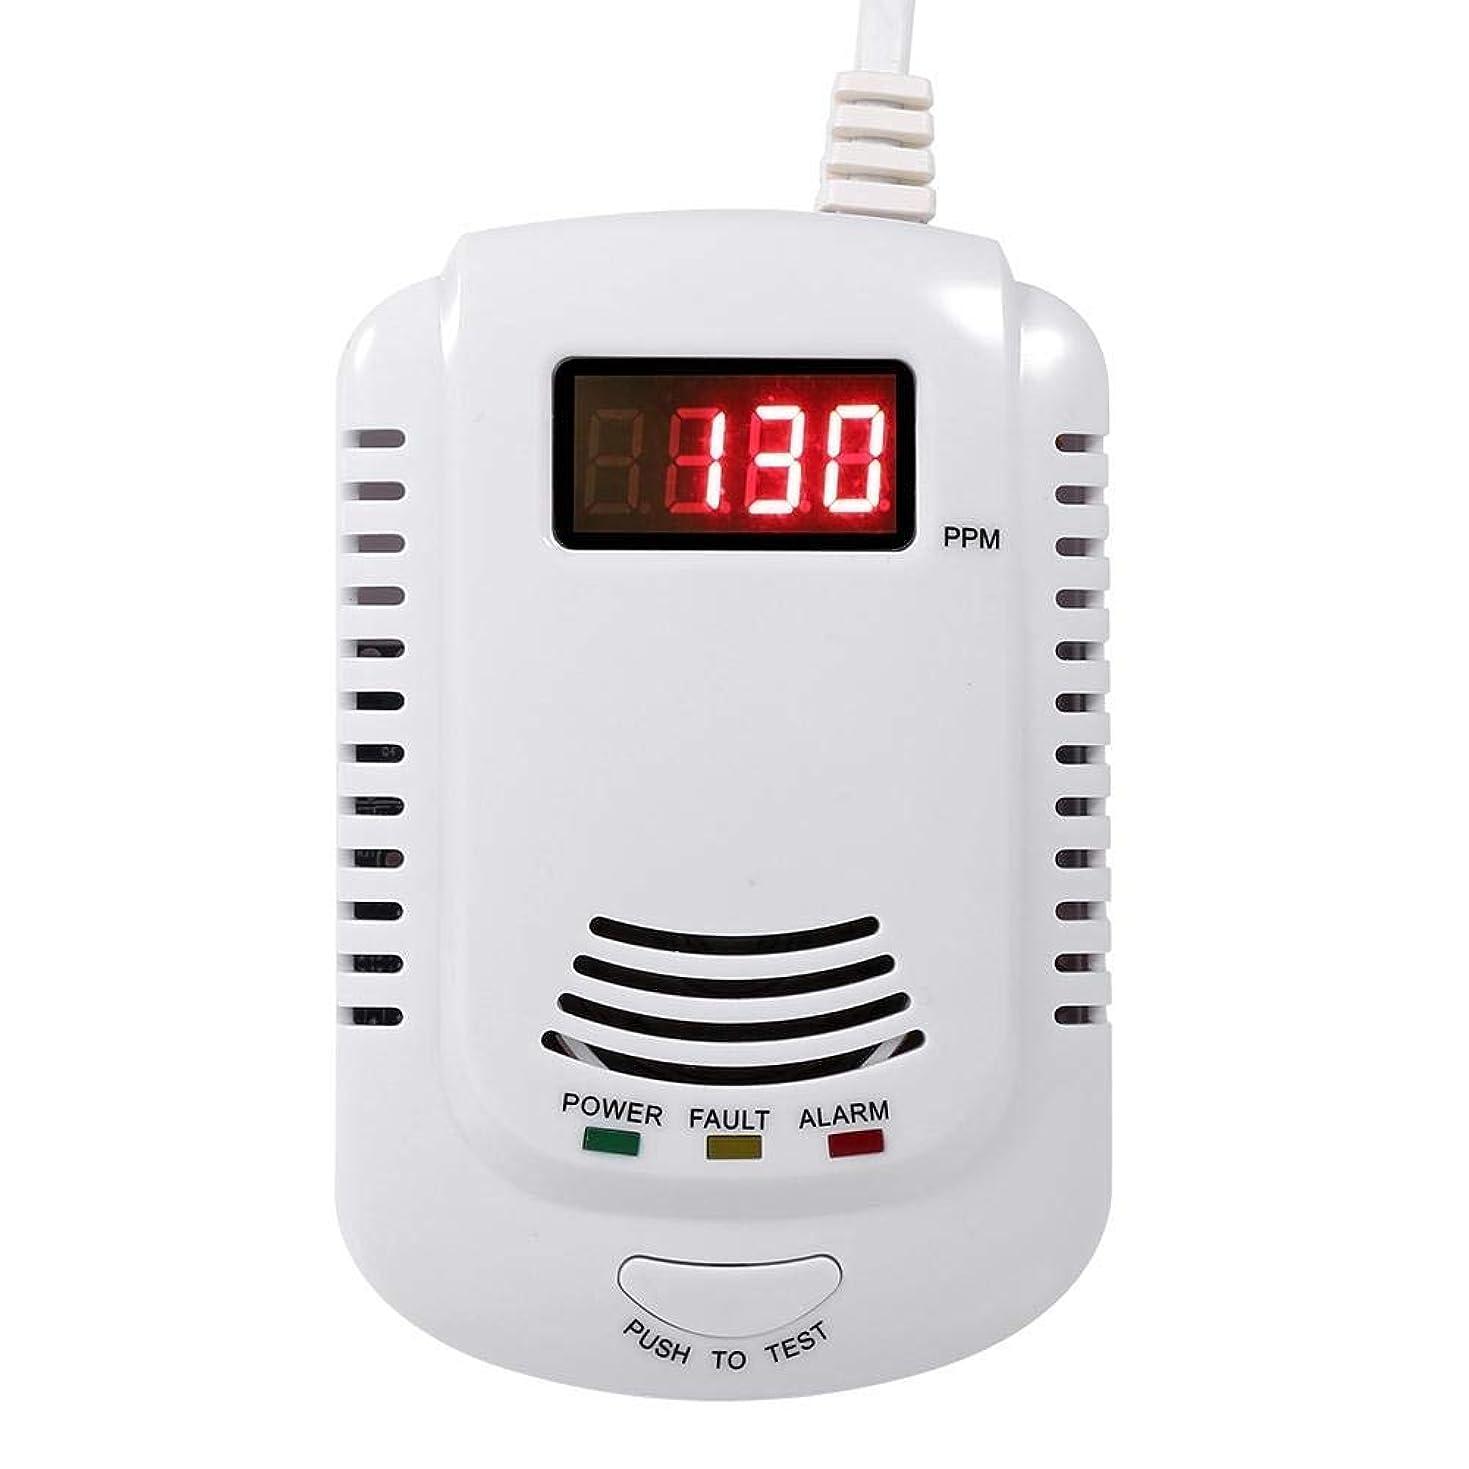 誇大妄想電化するしなければならないパナソニック(Panasonic) 住宅用火災警報器 ねつ当番 薄型 定温式 お得な2個セット(電池式?移報接点なし)(警報音?音声警報機能付) SHK38155*2 クールホワイト